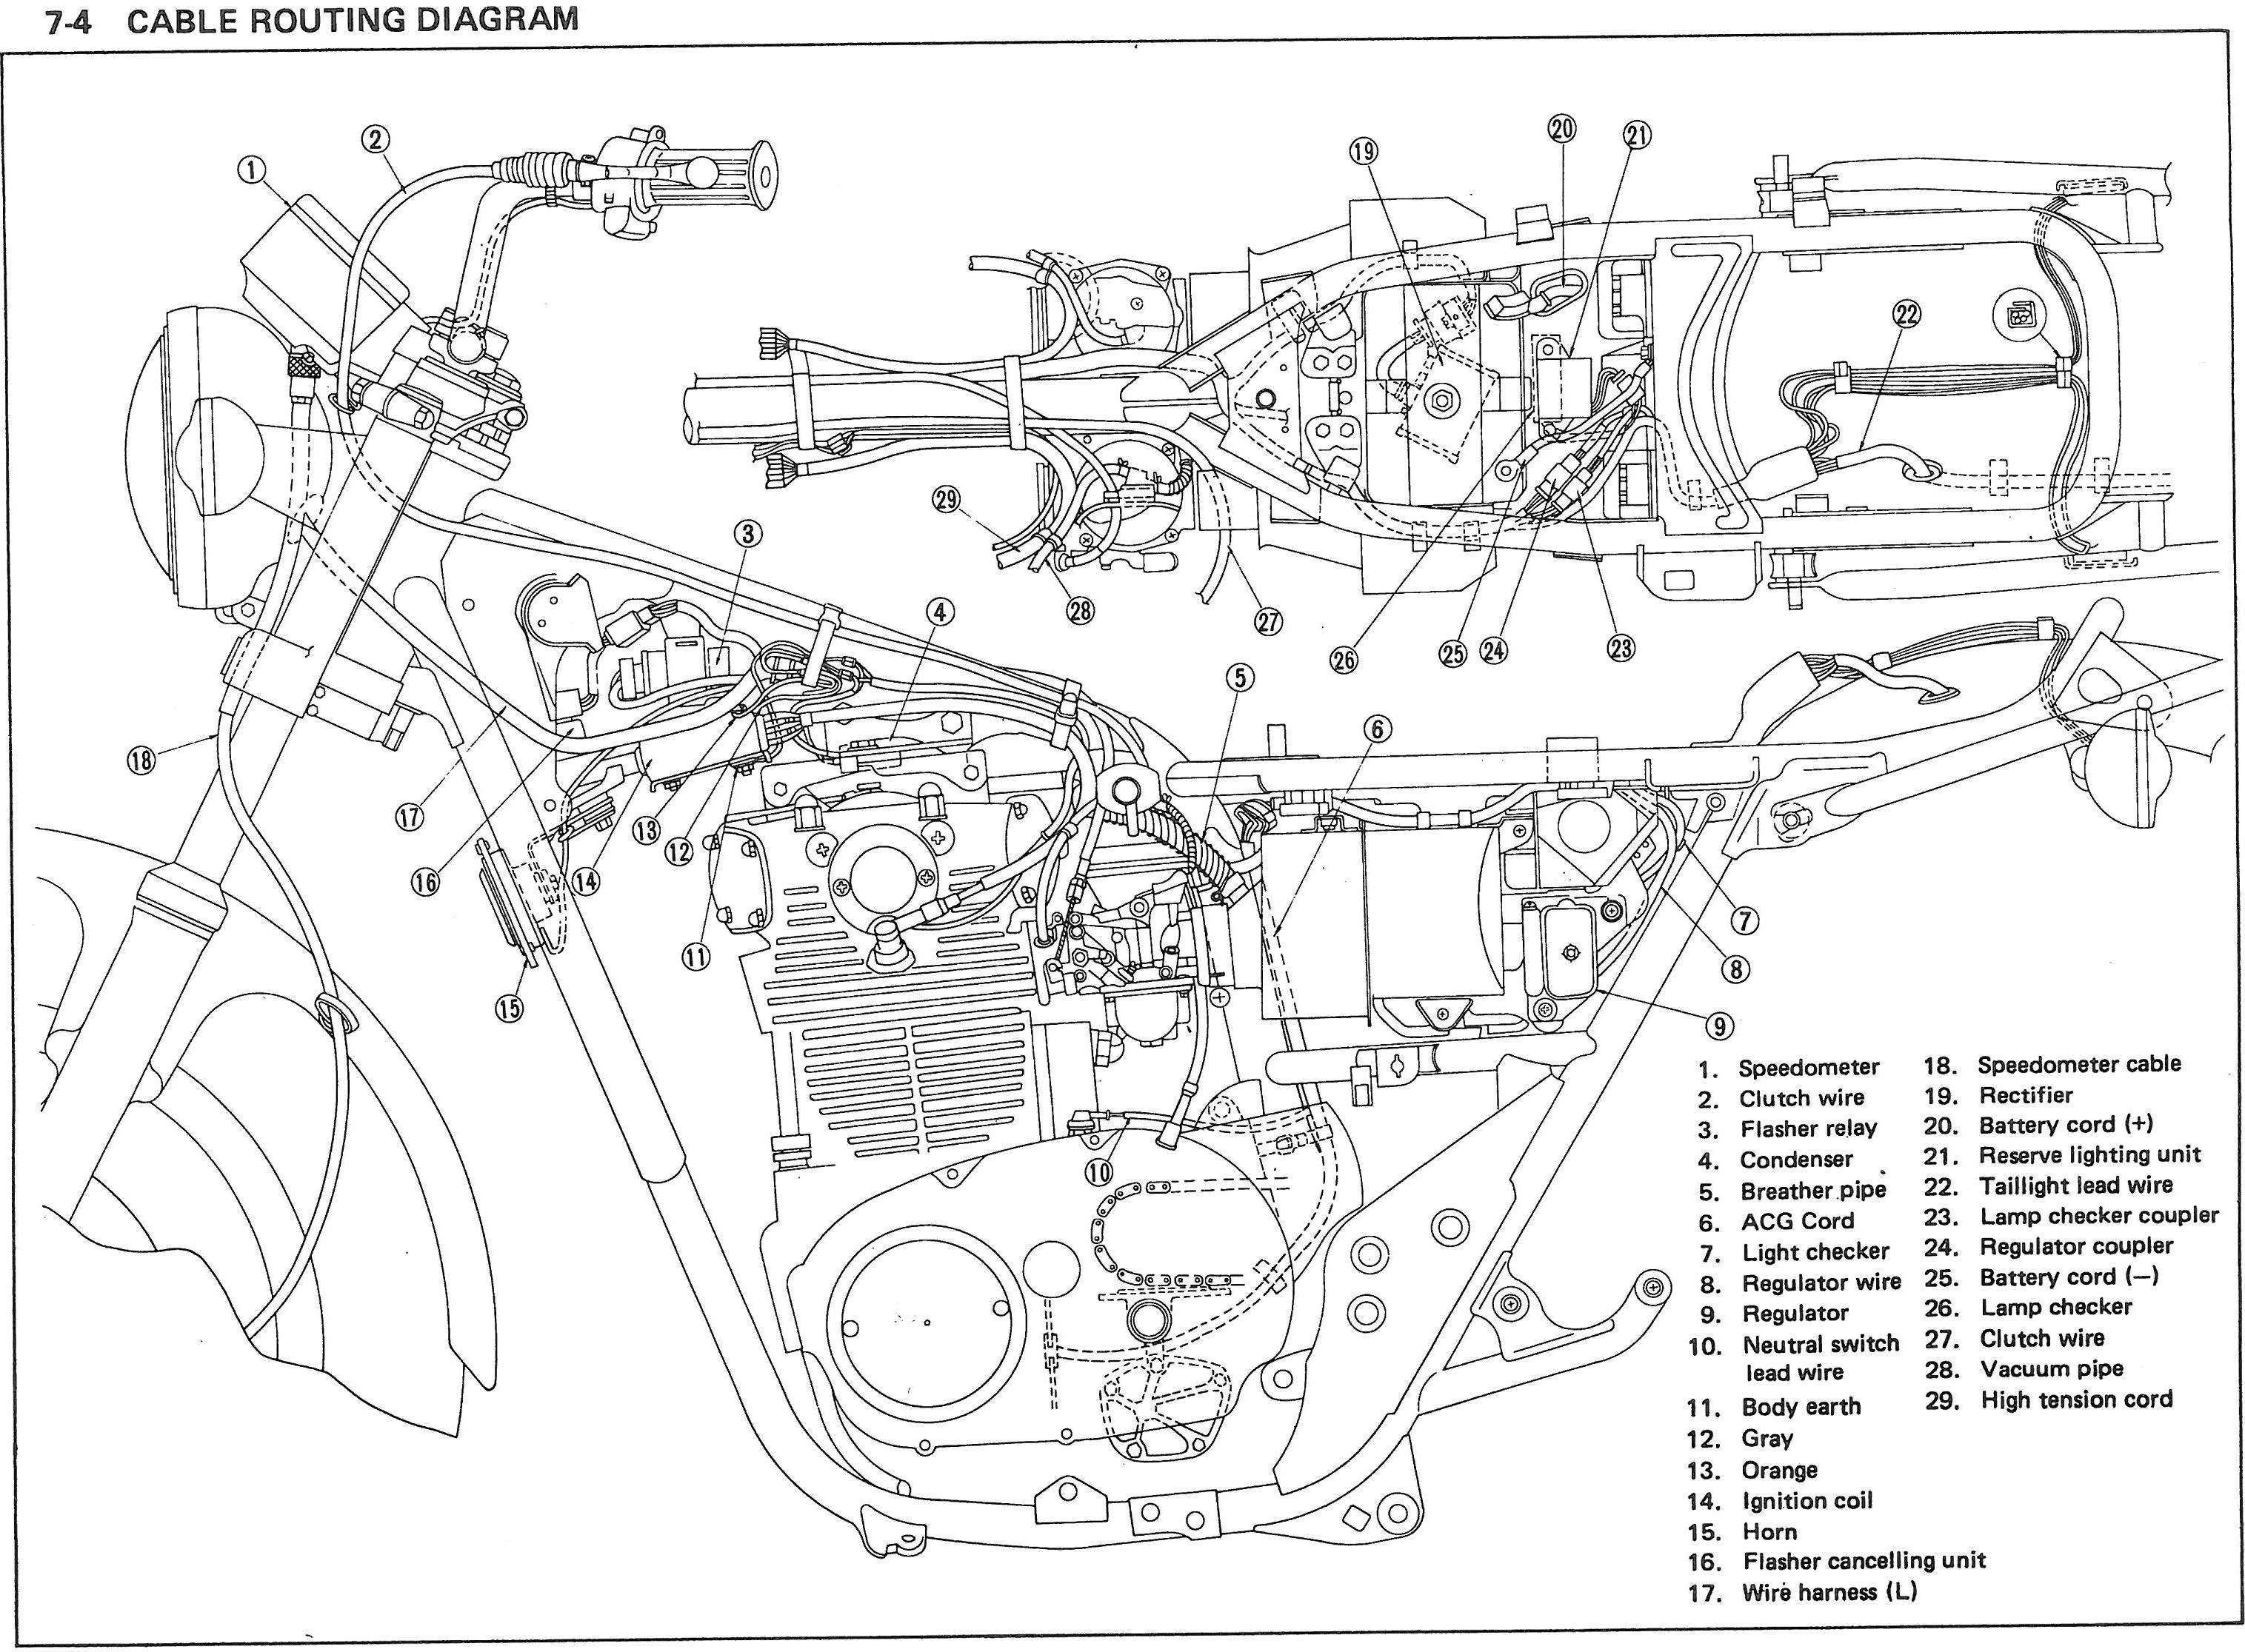 78 xs750 wiring diagram